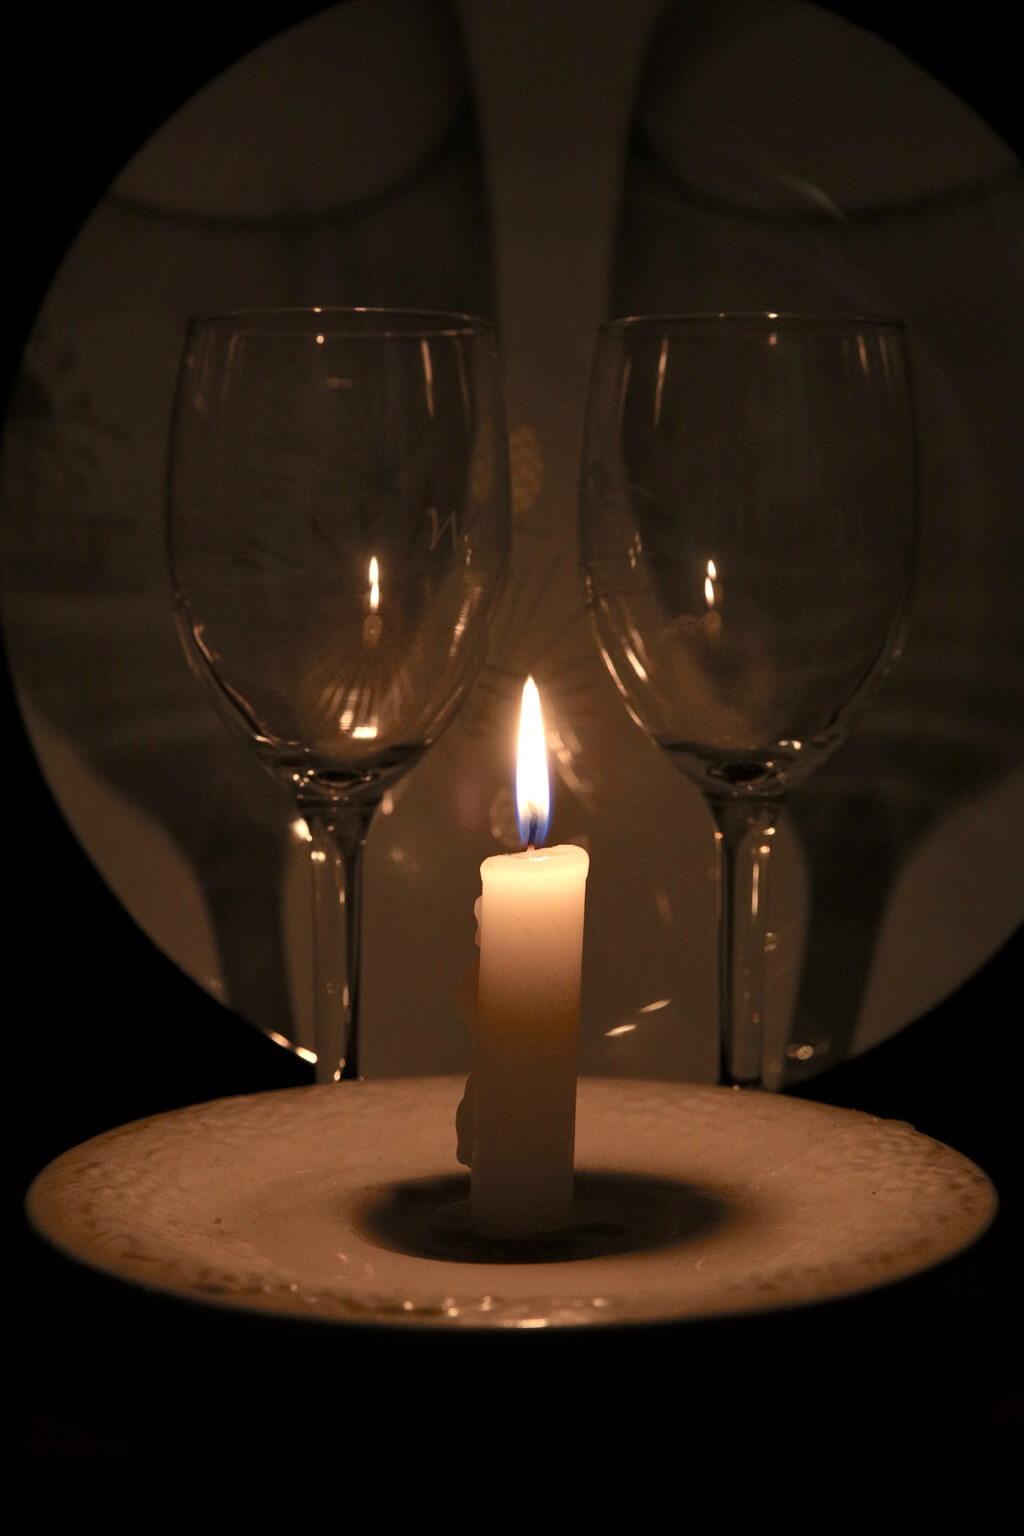 David Savige - candle